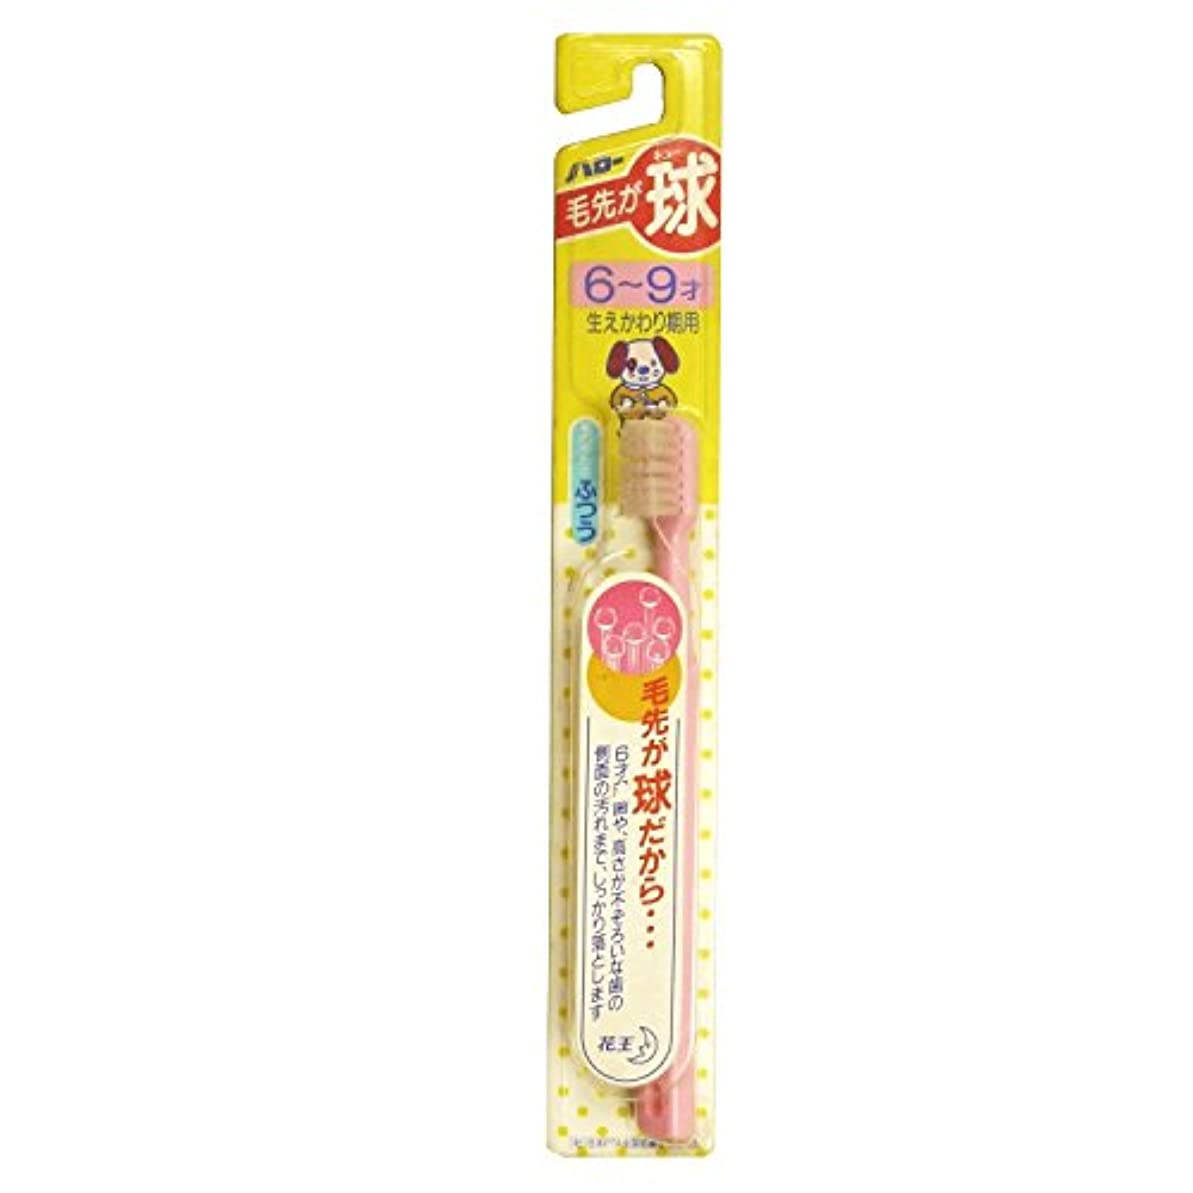 花王 ハローハブラシ 毛先が球 6~9才 生まれかわり期用 ふつう ピンク